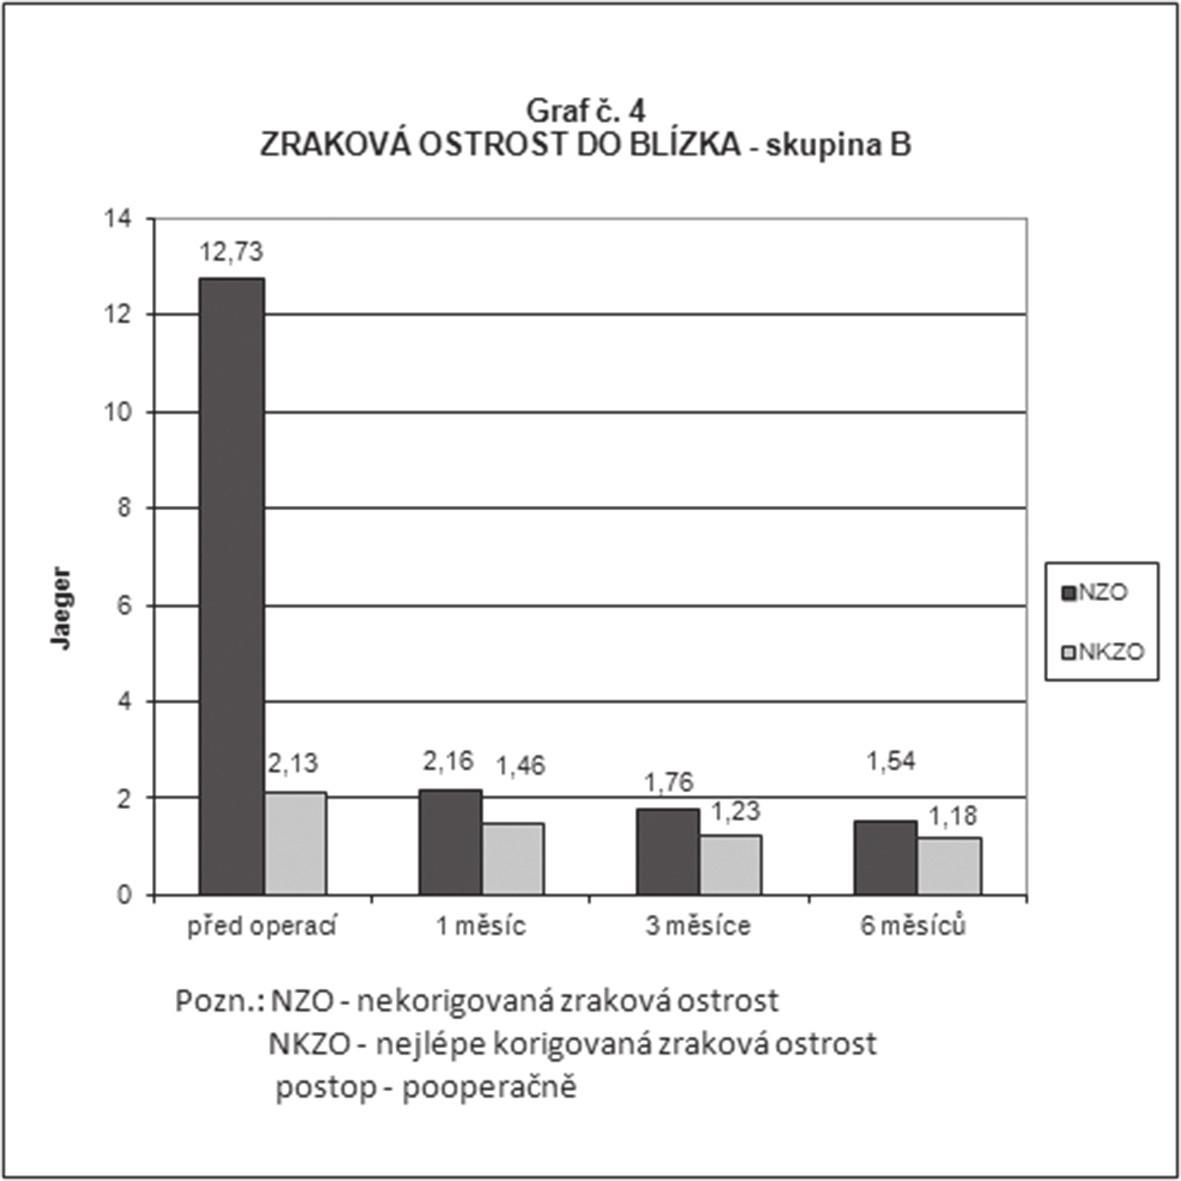 Průměrné hodnoty nekorigované a nejlépe korigované monokulární zrakové ostrosti do blízka ve skupině B (implantace nitrooční čočky LENTIS MplusX) předoperačně, 1 měsíc, 3 měsíce a 6 měsíců po operaci